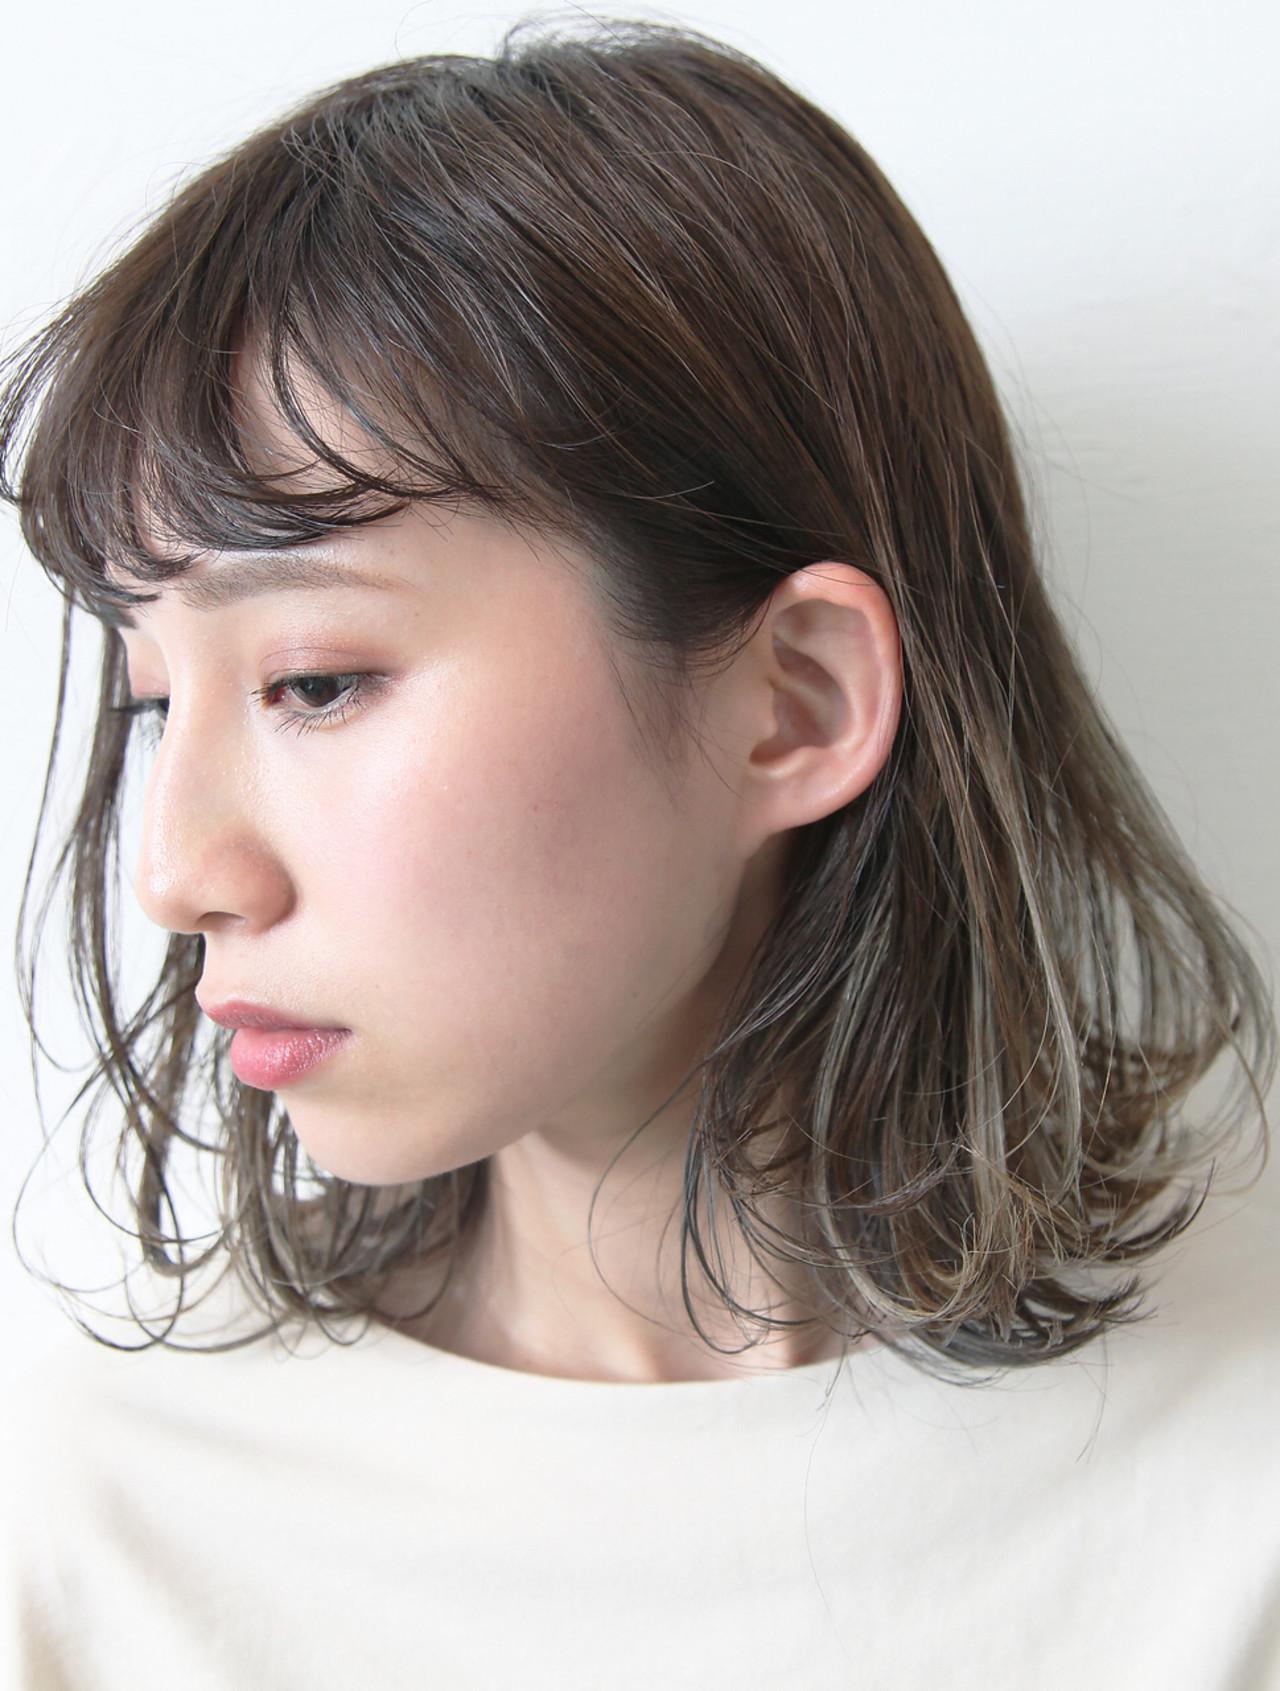 アッシュ ボブ ダブルカラー 大人かわいい ヘアスタイルや髪型の写真・画像 | 畑山拓也 / Baco.